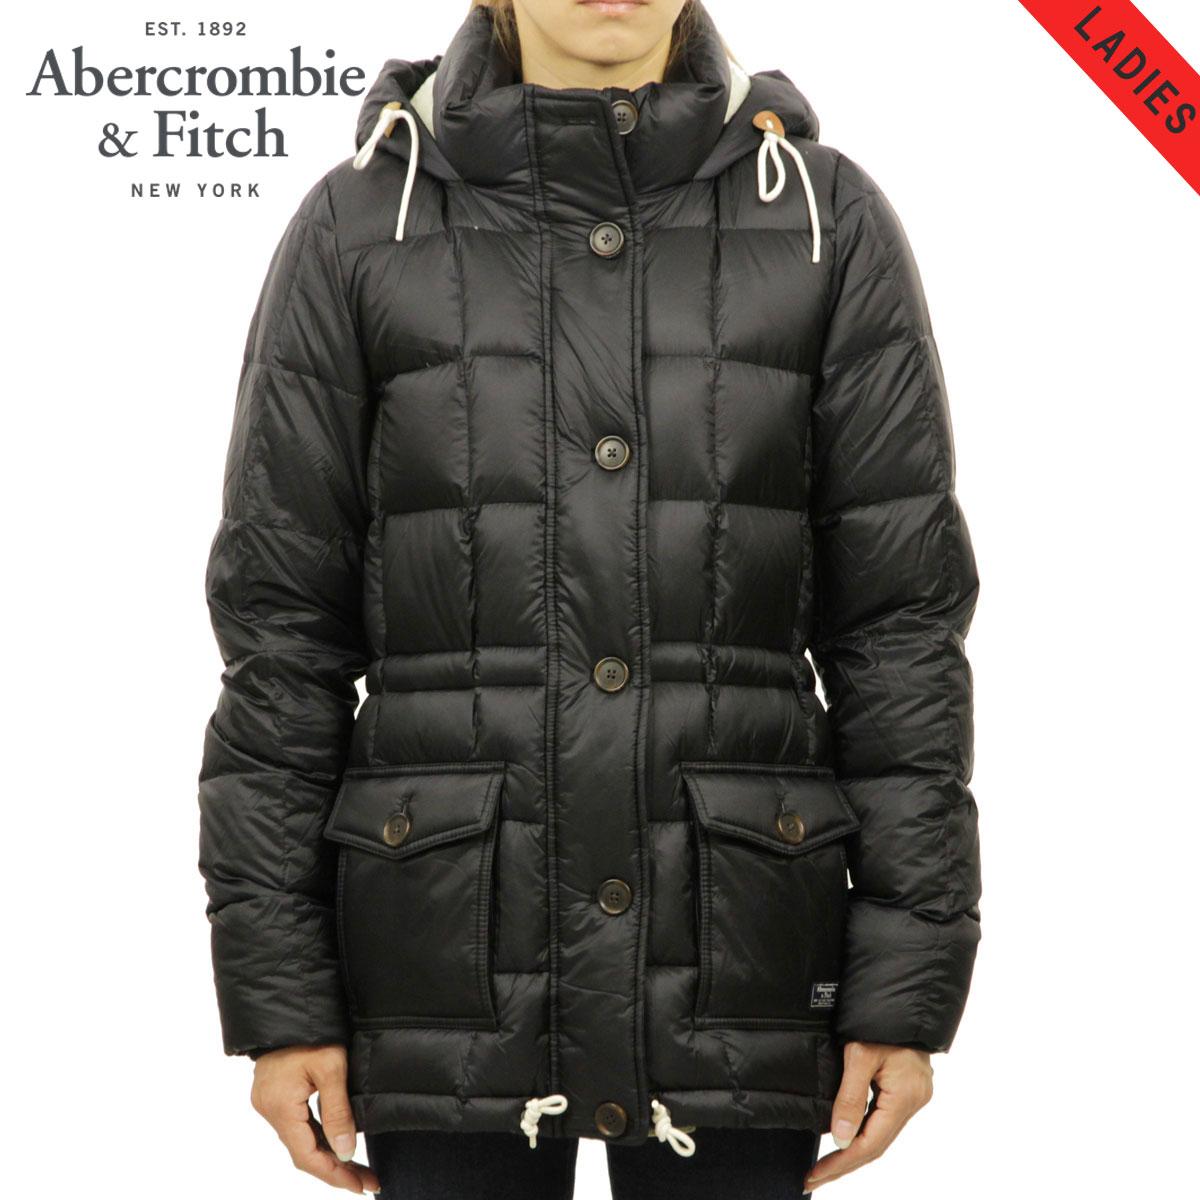 アバクロ Abercrombie&Fitch 正規品 レディース アウター ダウンジャケット DOWN-FILLED PUFFER COAT 144-442-0592-900